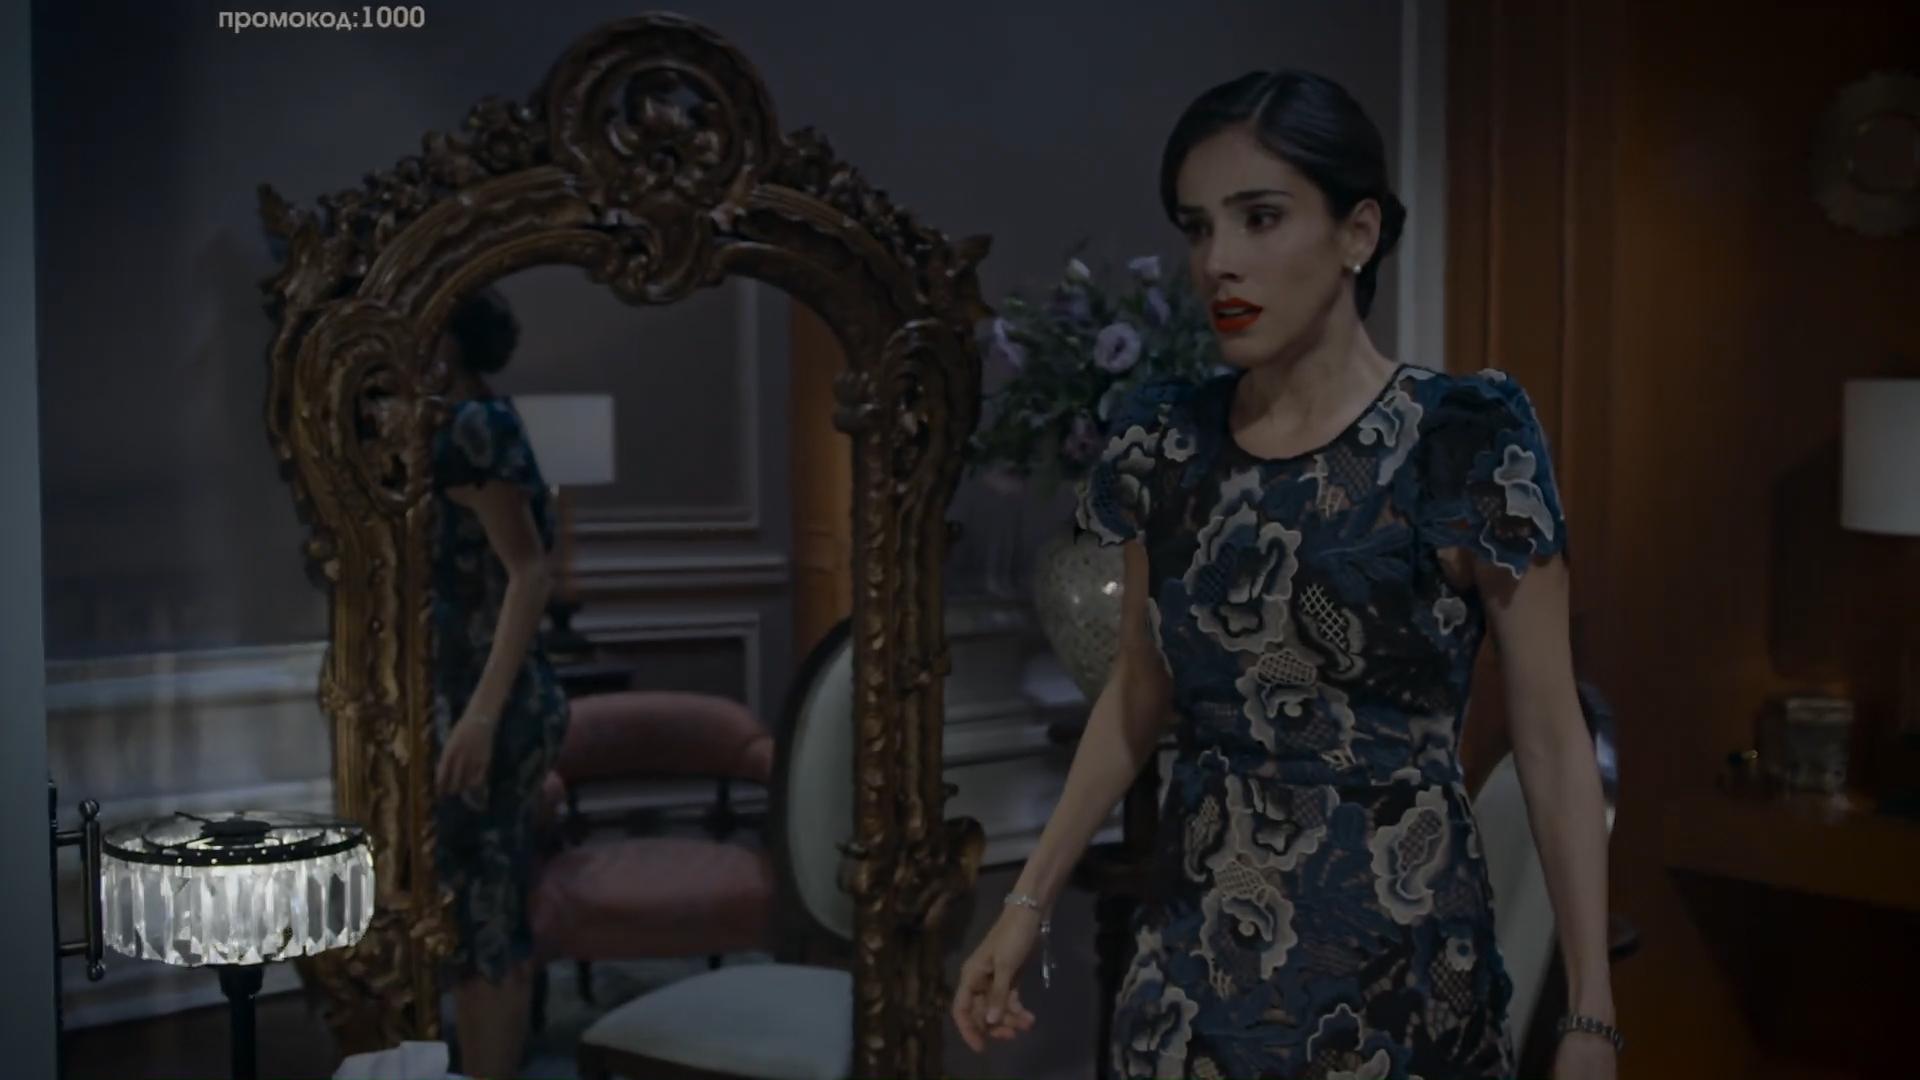 Узурпаторша (1 сезон: 1-25 серия из 25) (2019) WEBRip 1080p | WestFilm